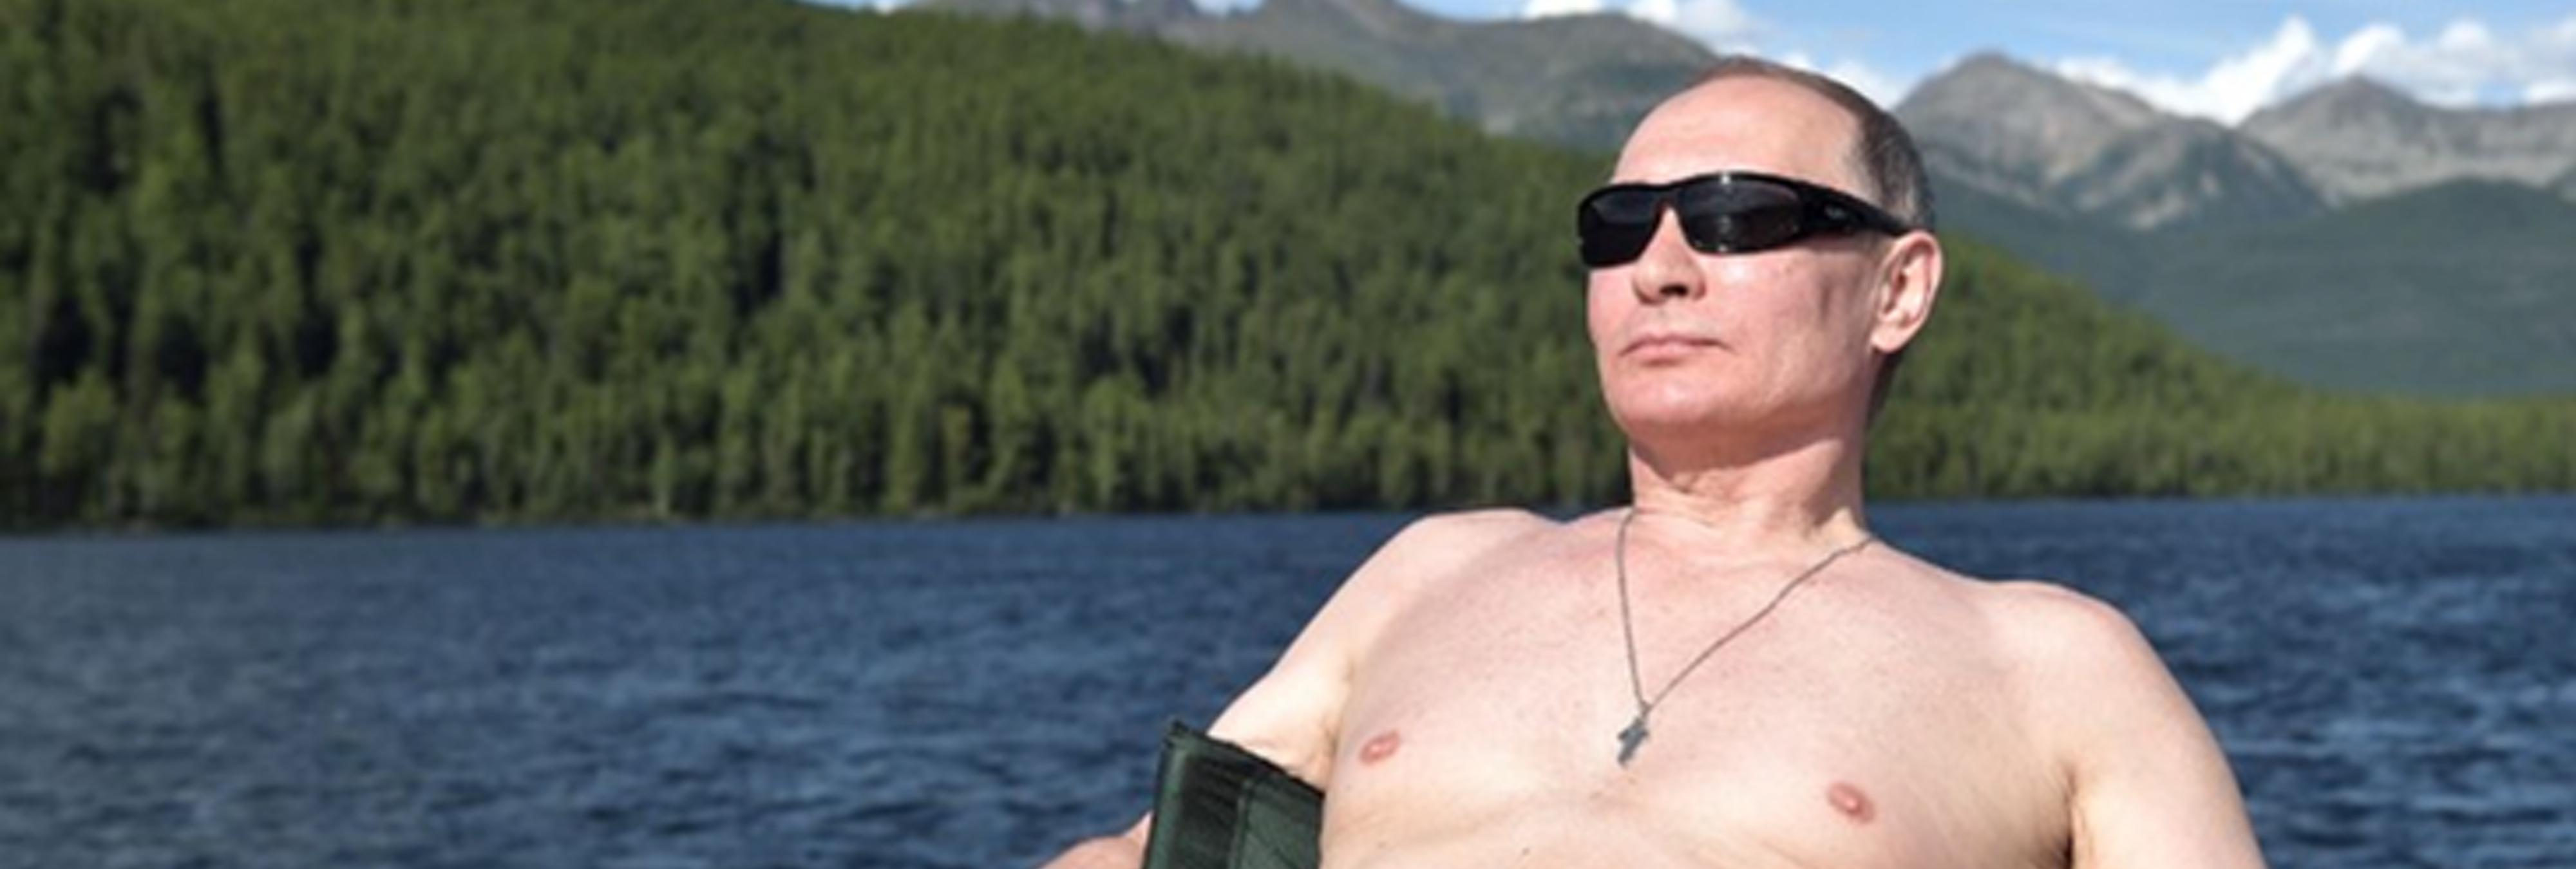 El calendario sexual de Putin se agota en segundos y causa furor en el extranjero